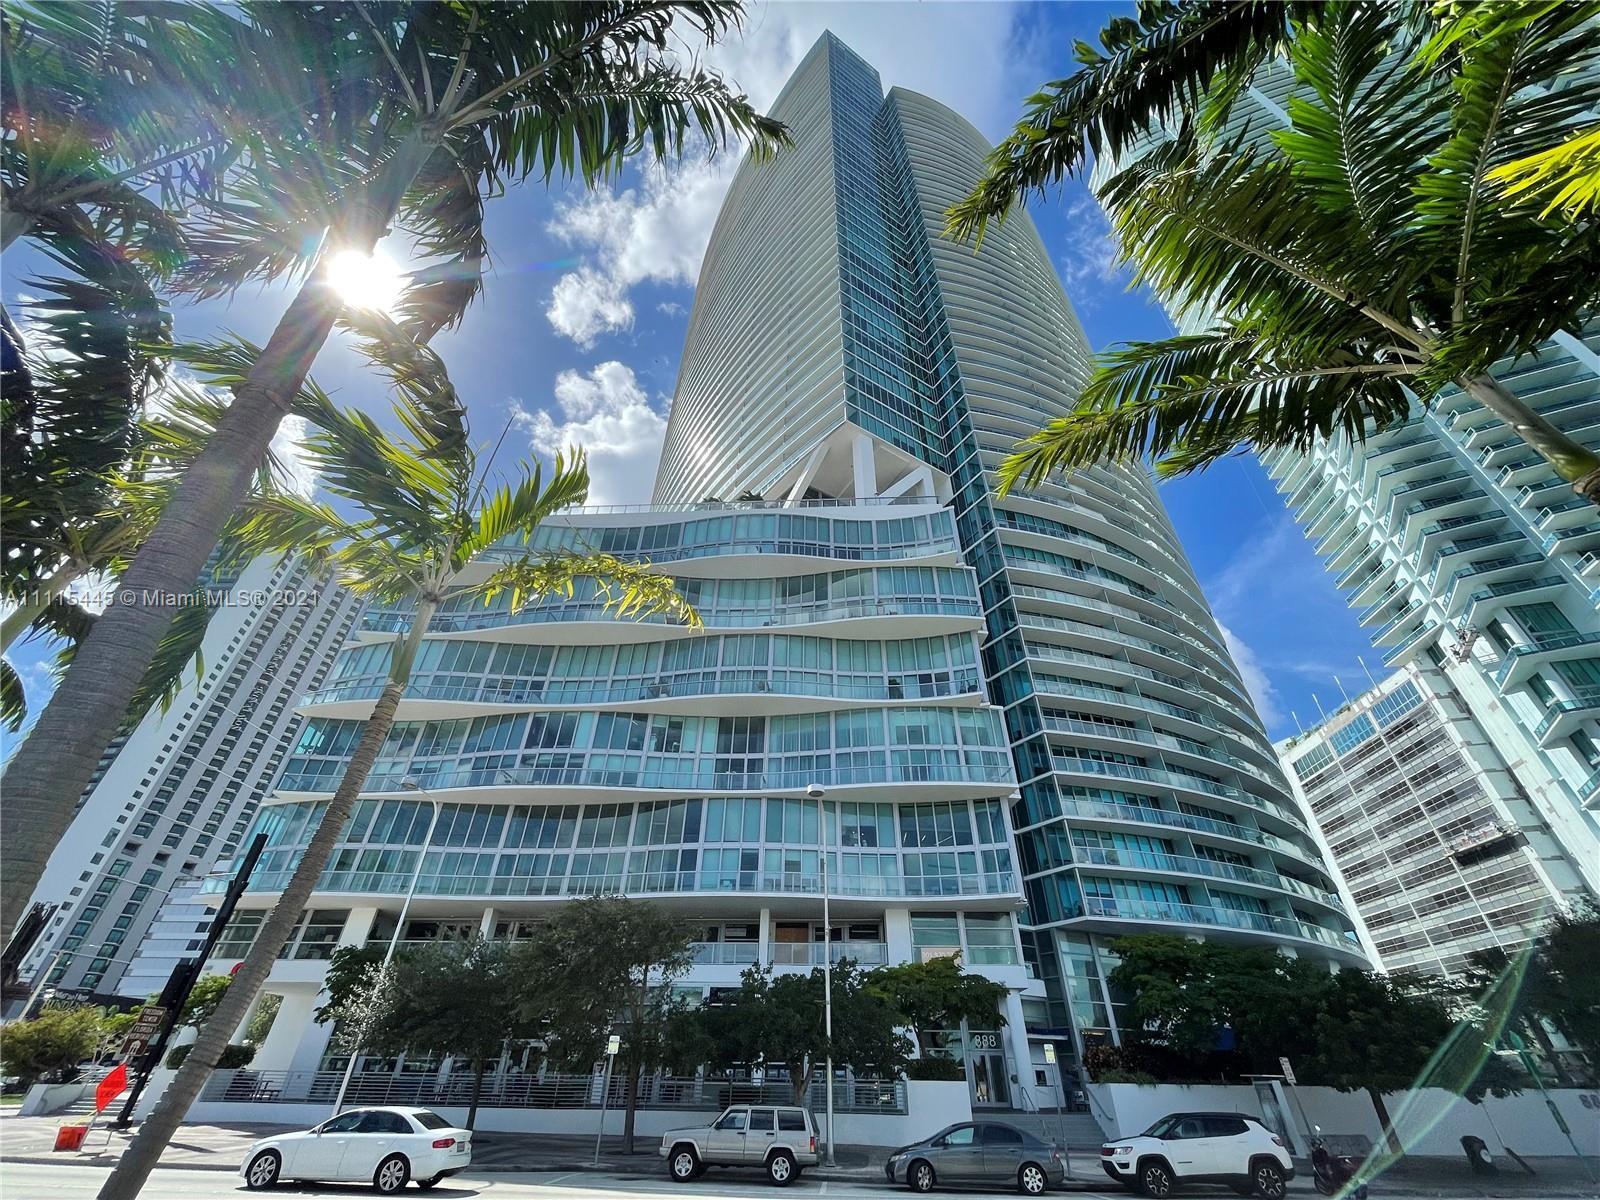 888 Biscayne BLVD 2203, Miami, FL 33132